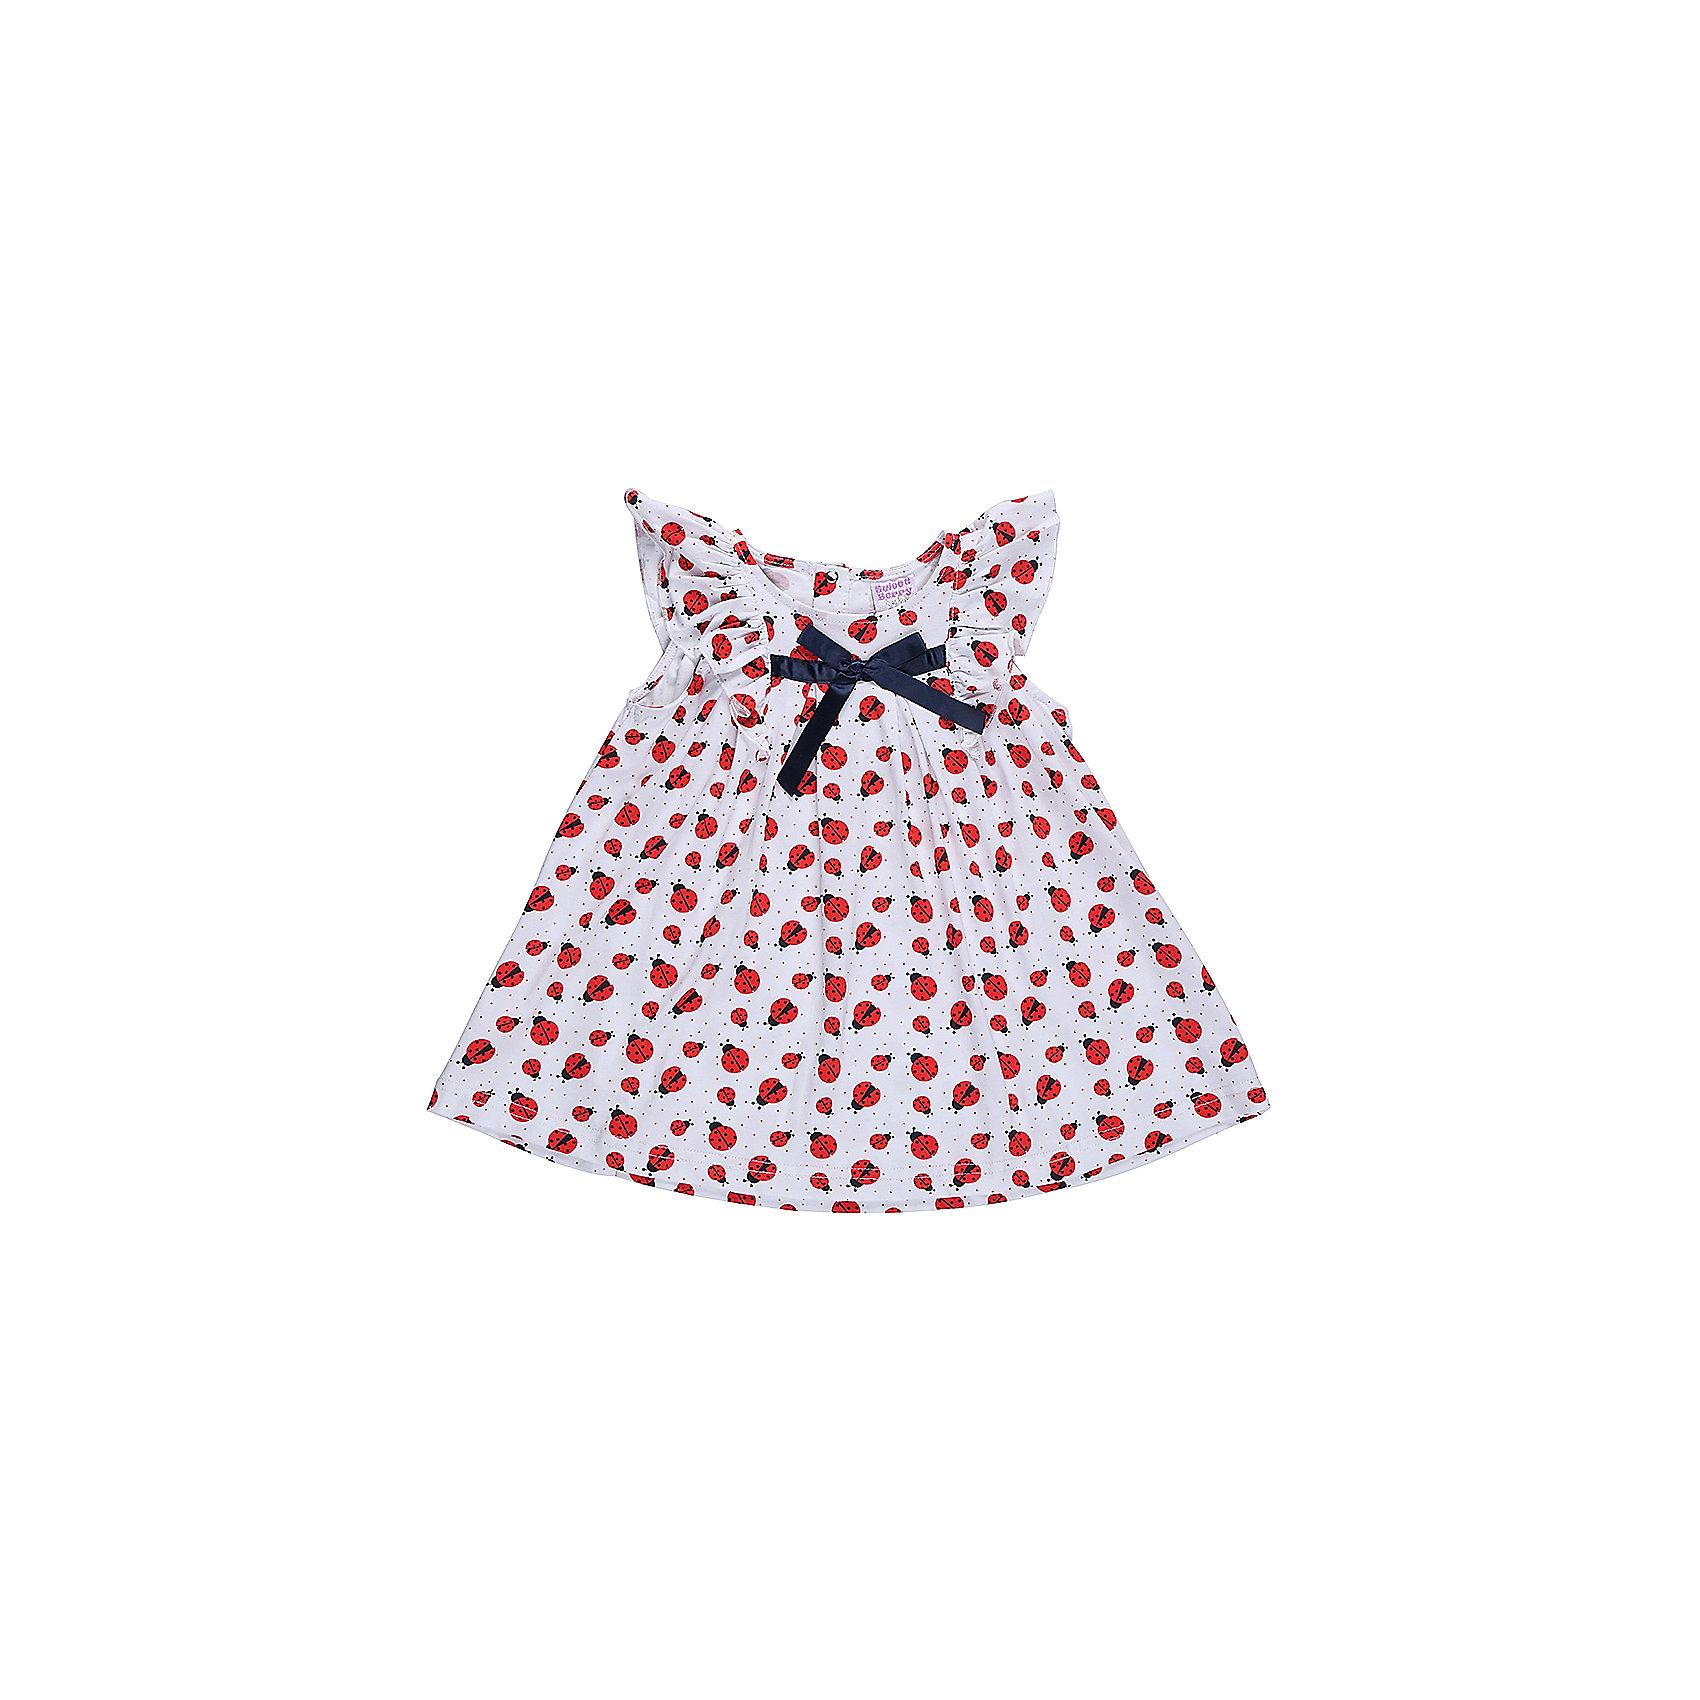 Футболка для девочки Sweet BerryФутболки, топы<br>Хлопковое платье для девочки. Оригинальная принтованная ткань. Свободный крой.<br>Состав:<br>95%хлопок 5%эластан<br><br>Ширина мм: 199<br>Глубина мм: 10<br>Высота мм: 161<br>Вес г: 151<br>Цвет: белый<br>Возраст от месяцев: 12<br>Возраст до месяцев: 15<br>Пол: Женский<br>Возраст: Детский<br>Размер: 80,86,92,98<br>SKU: 5411023